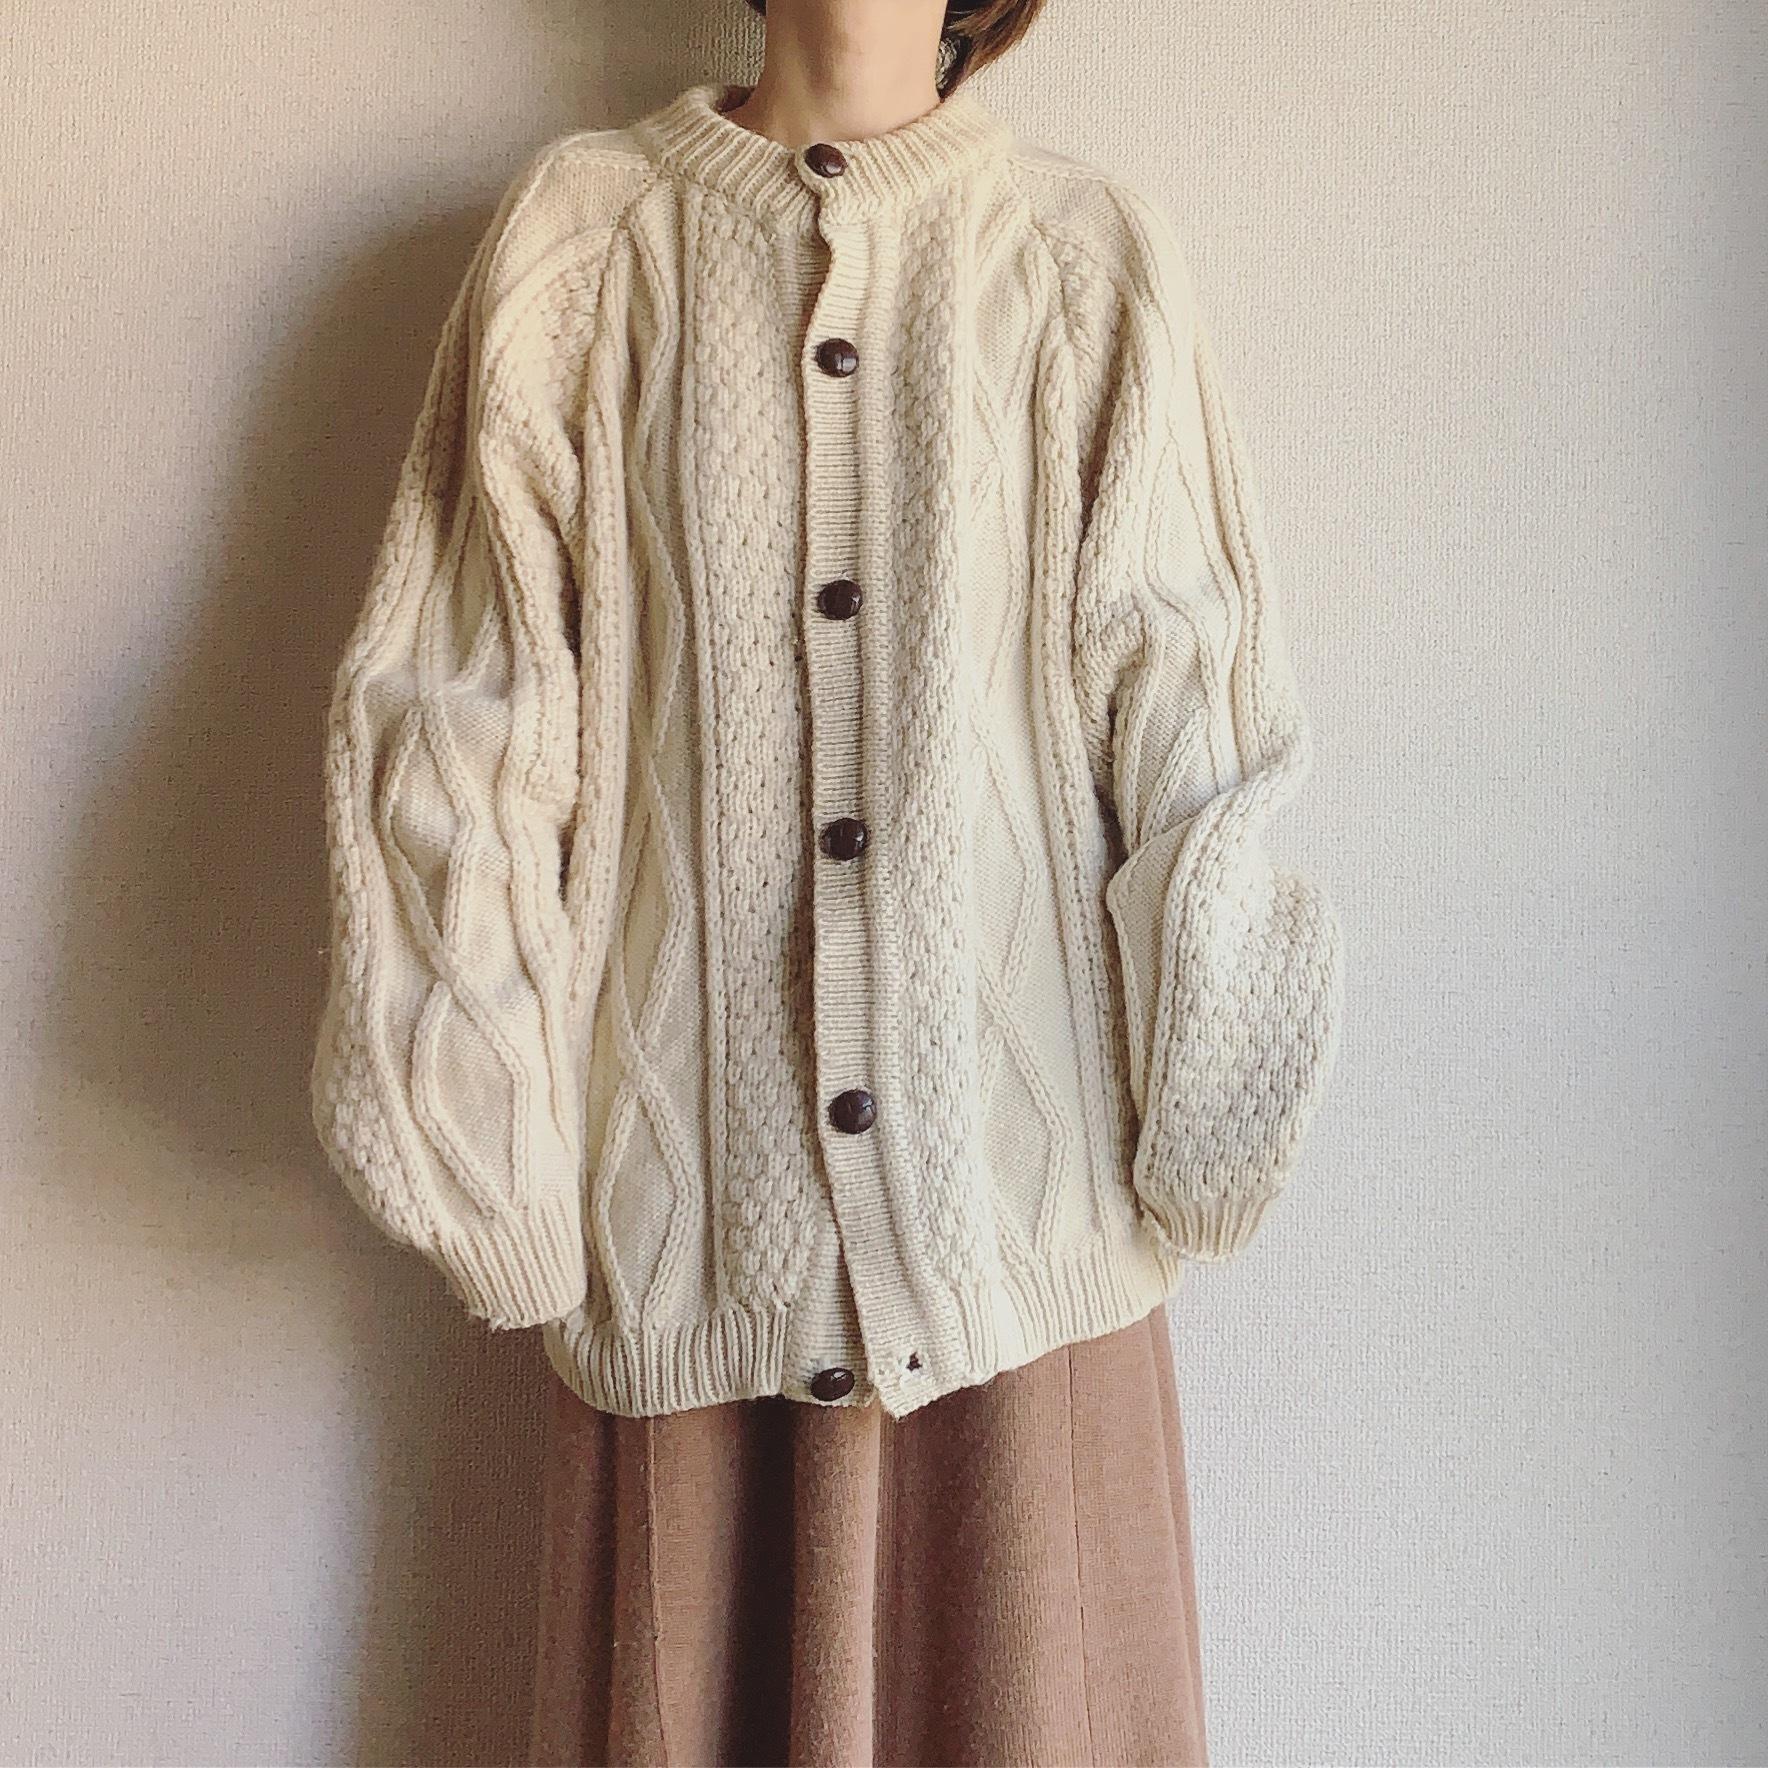 vintage Aran knit fisherman cardigan